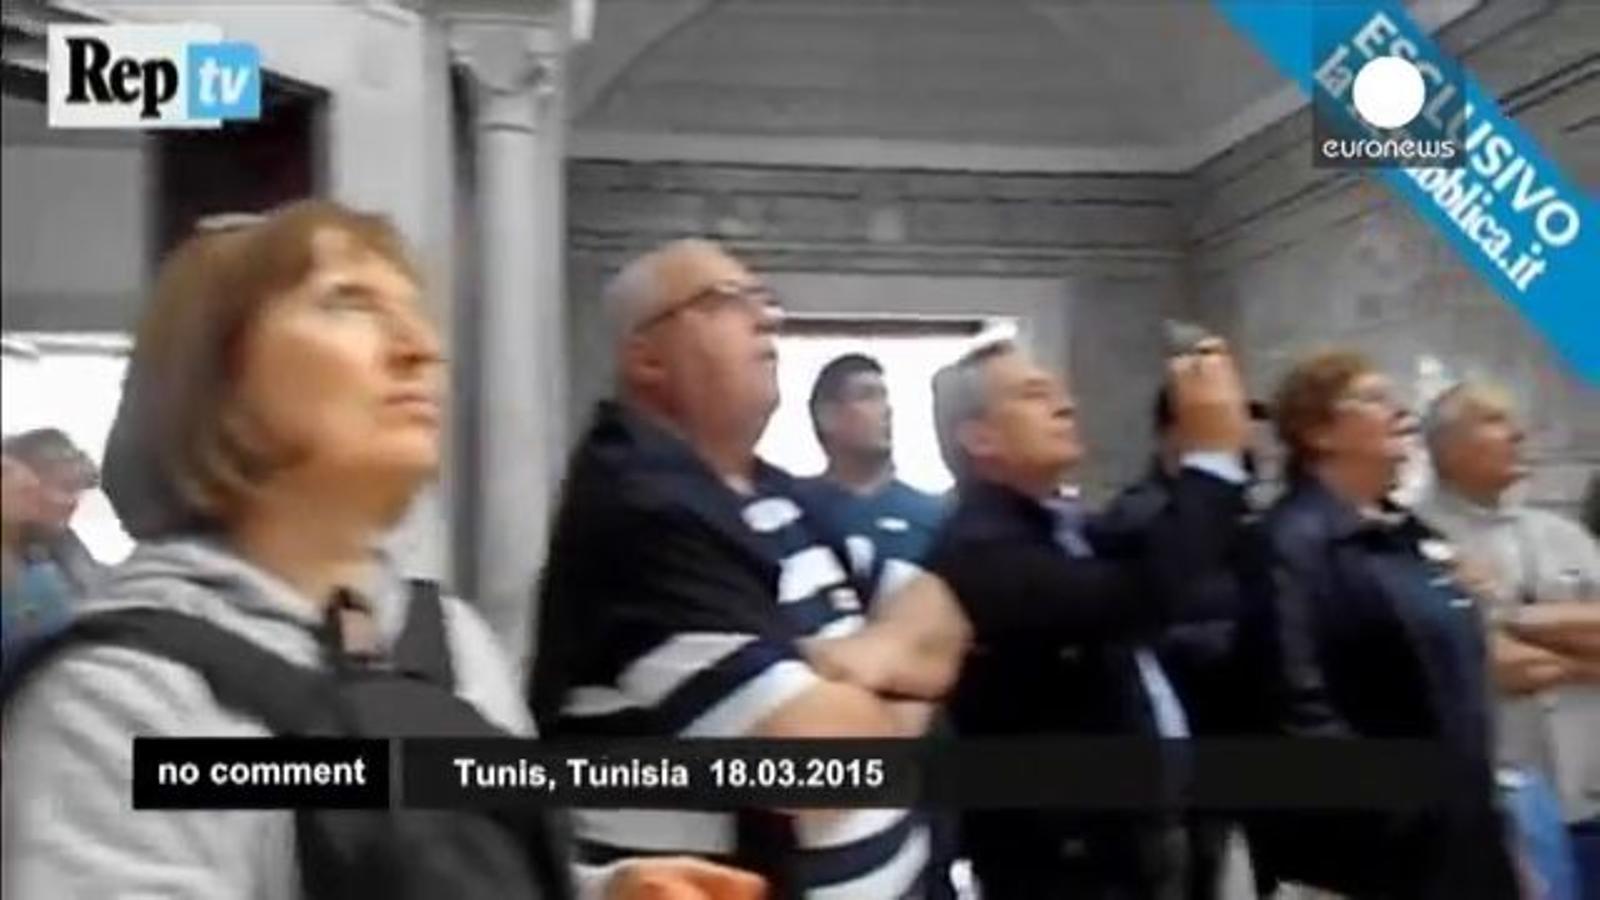 El moment de l'atac terrorista al museu del Bardo, gravat per una turista